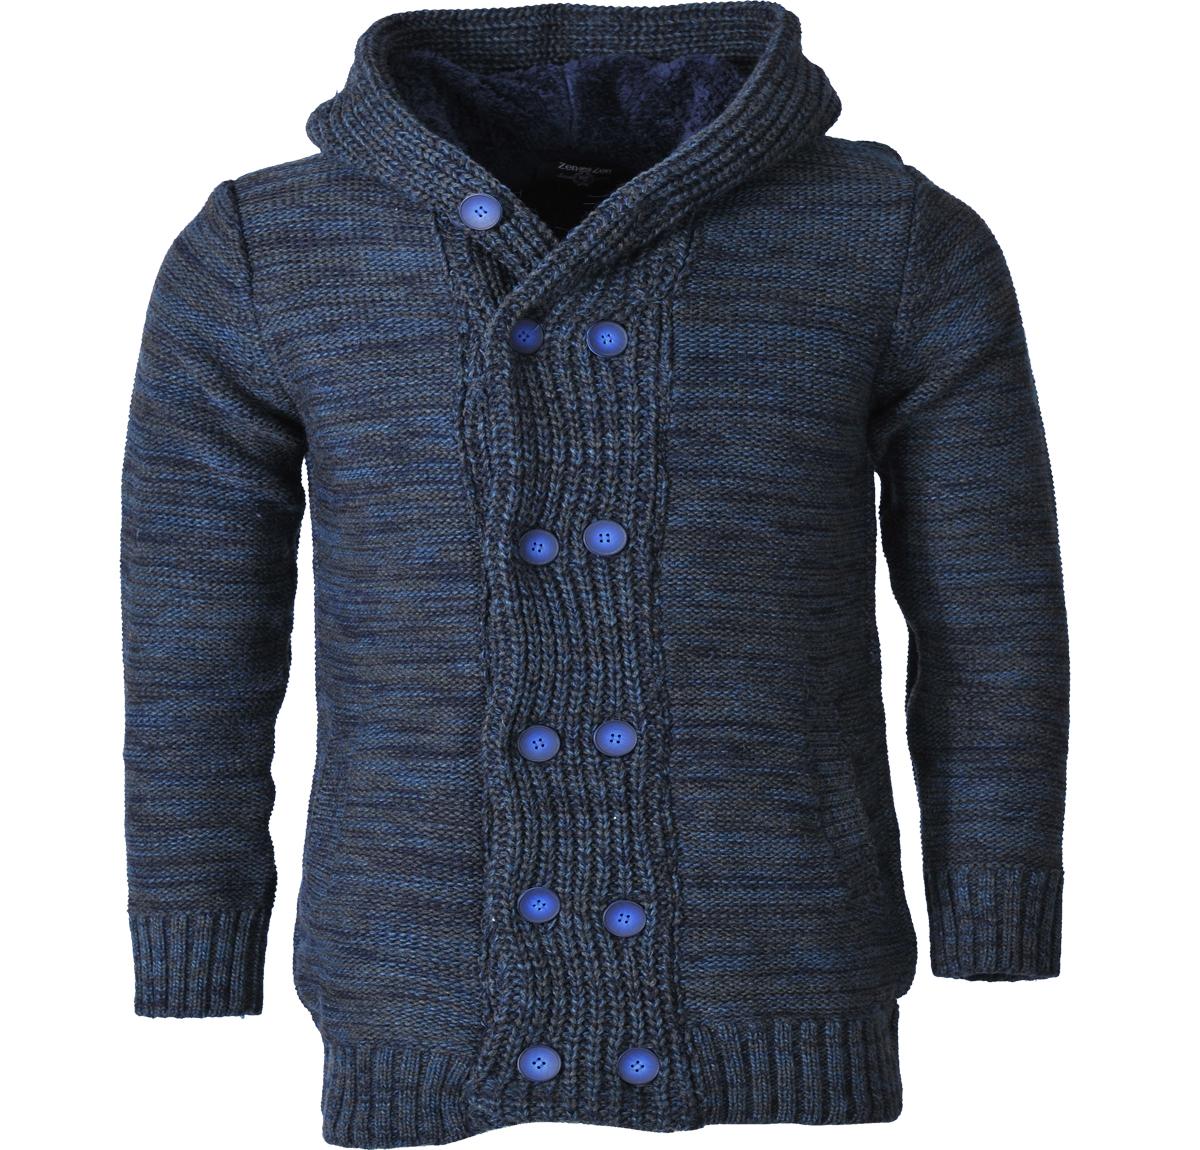 Ανδρική Μακρία Πλεκτή Ζακέτα -Μπλε Σκούρο αρχική ανδρικά ρούχα ζακέτες